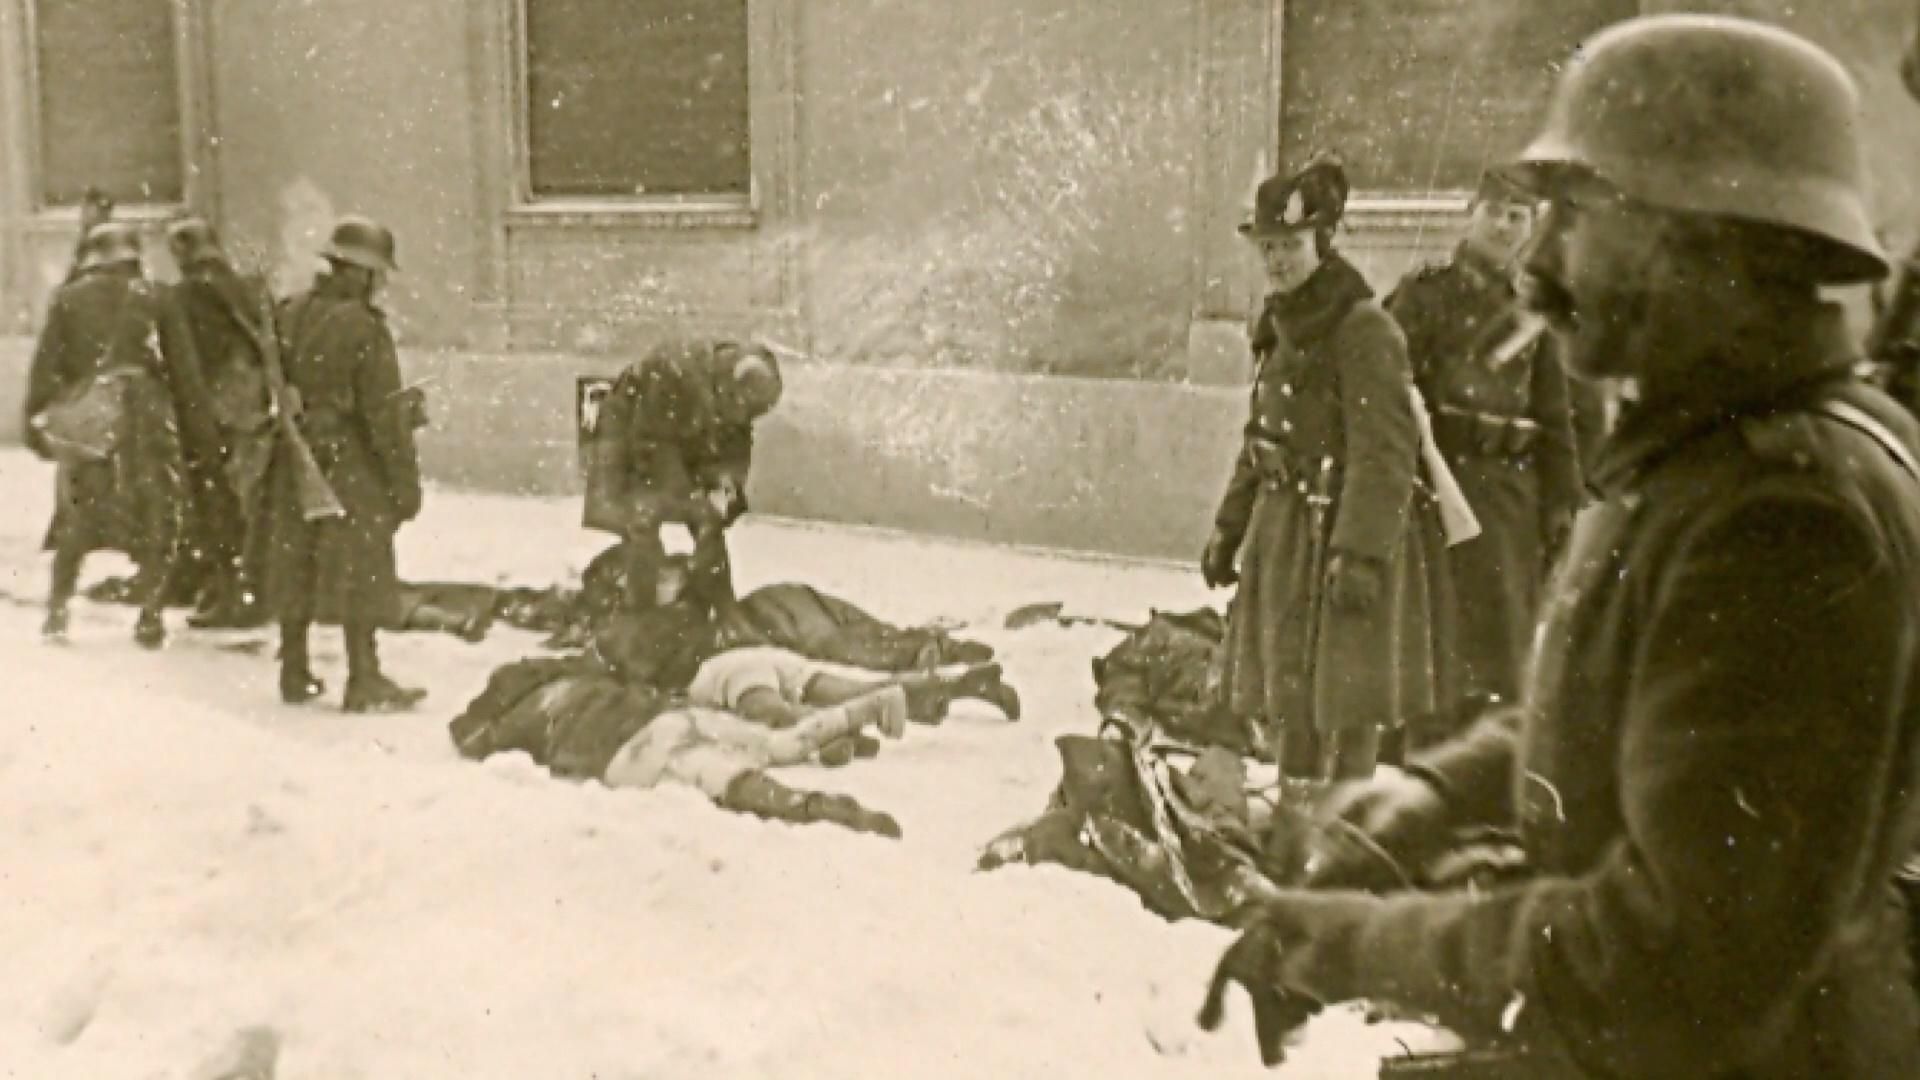 Bűnük, hogy magyarok voltak – Az elhallgatott délvidéki népirtás története